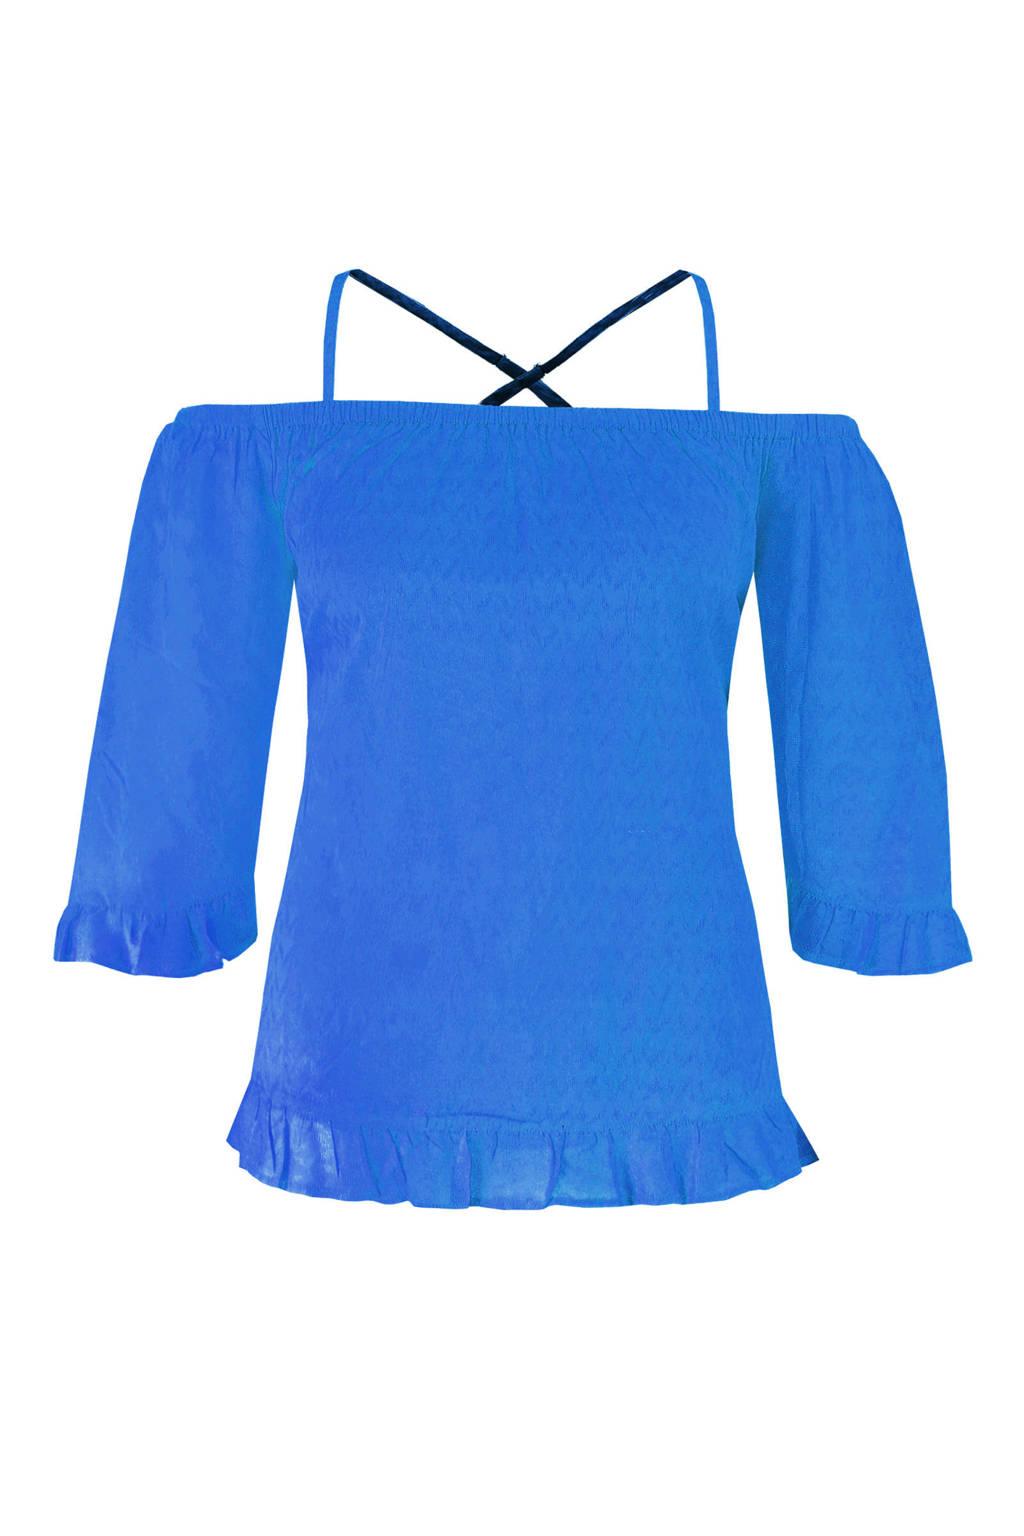 MS Mode off shoulder top met gekruiste bandjes, Kobalt blauw